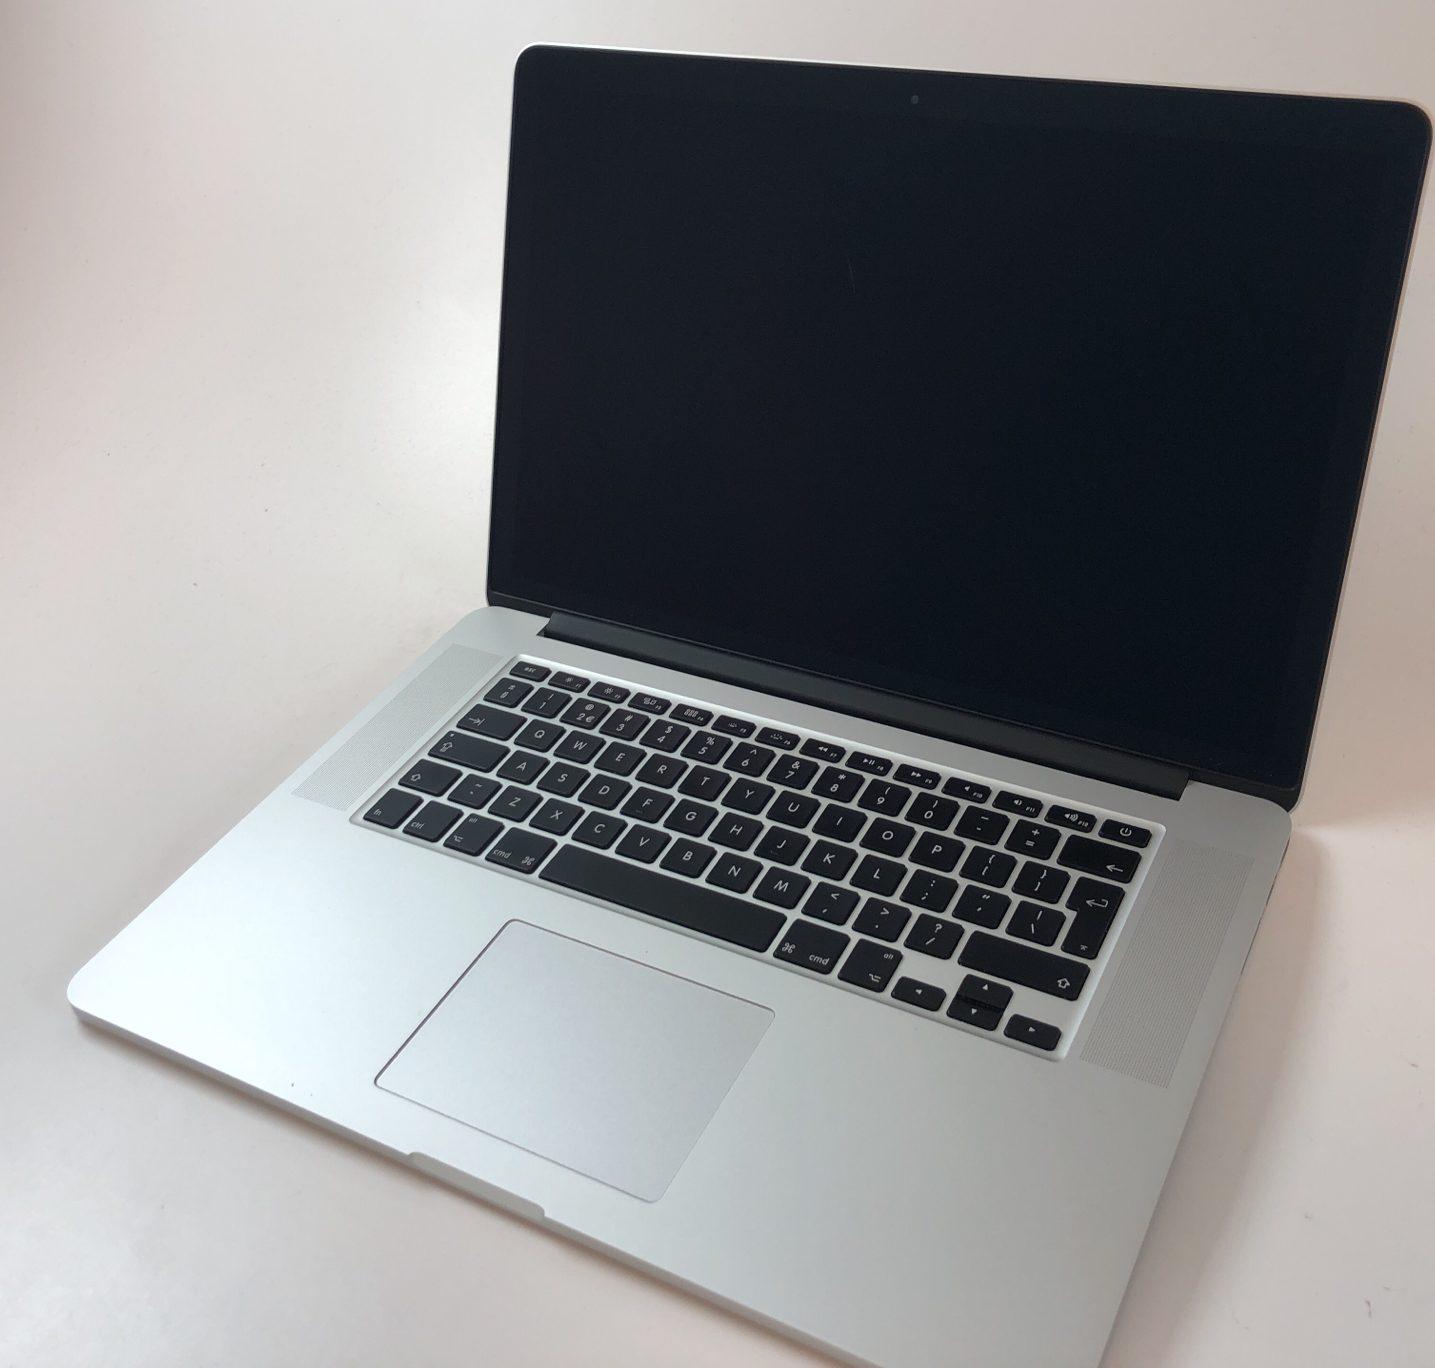 """MacBook Pro Retina 15"""" Mid 2015 (Intel Quad-Core i7 2.2 GHz 16 GB RAM 256 GB SSD), Intel Quad-Core i7 2.2 GHz, 16 GB RAM, 256 GB SSD, Afbeelding 1"""